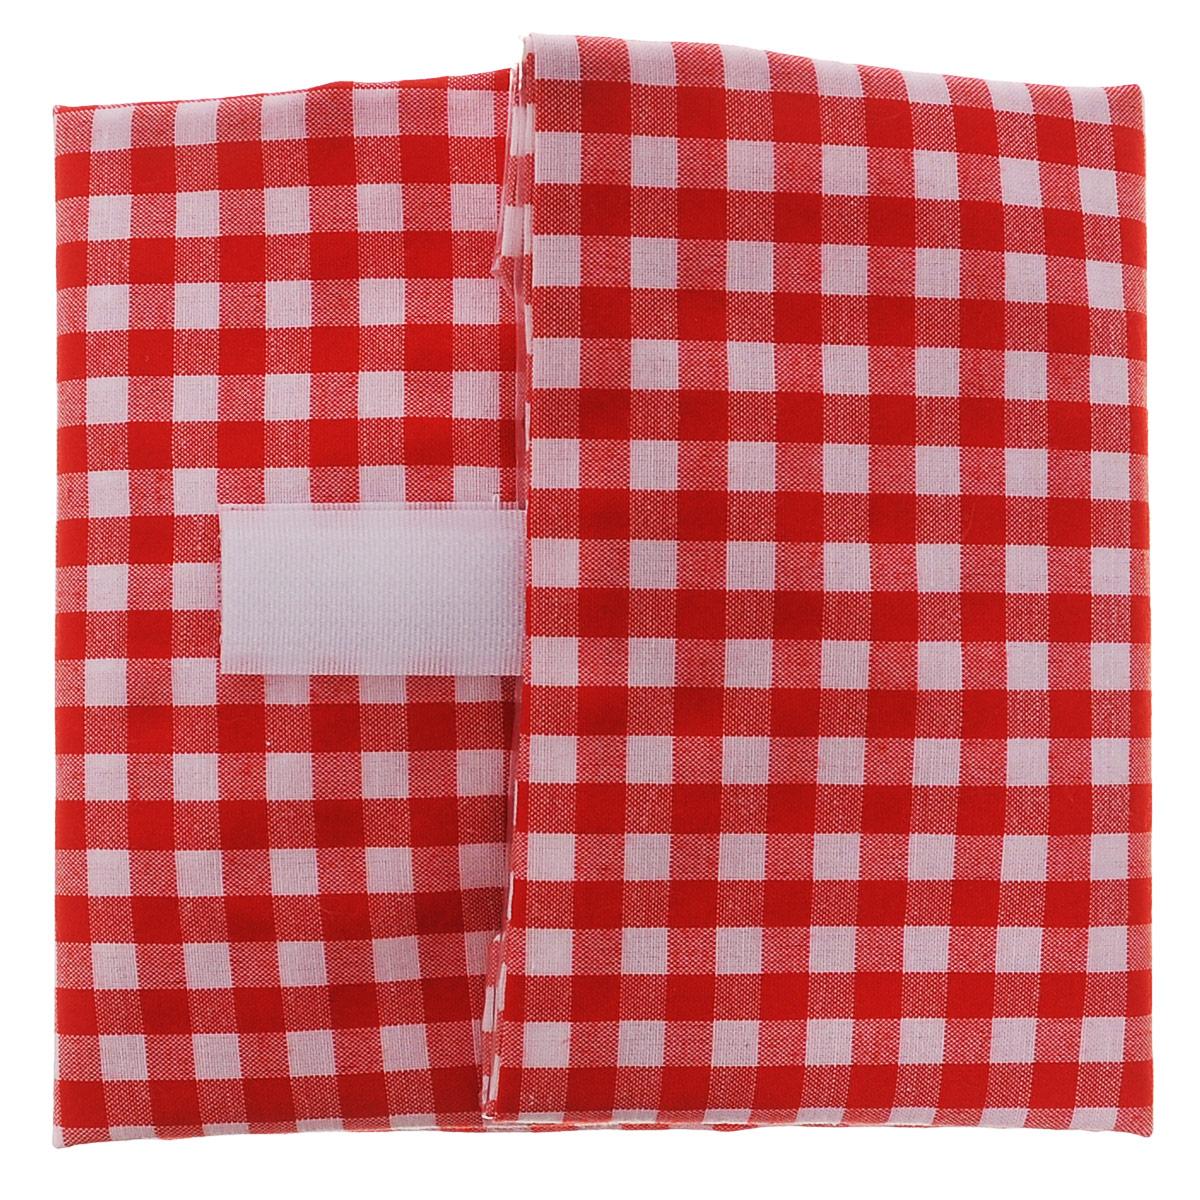 Упаковка для бутербродов Lurch, цвет: красный, белый, 17 х 15 х 1,2 см220900Многоразовая упаковка Lurch - это стильная и удобная упаковка для бутербродов. Изделие оснащено липучкой для полного обертывания продукта. Подлинное немецкое качество и яркий дизайн, порадует вас, своей функциональностью. Материал: 65% полиэстер; 35% хлопок; полиэтилен.